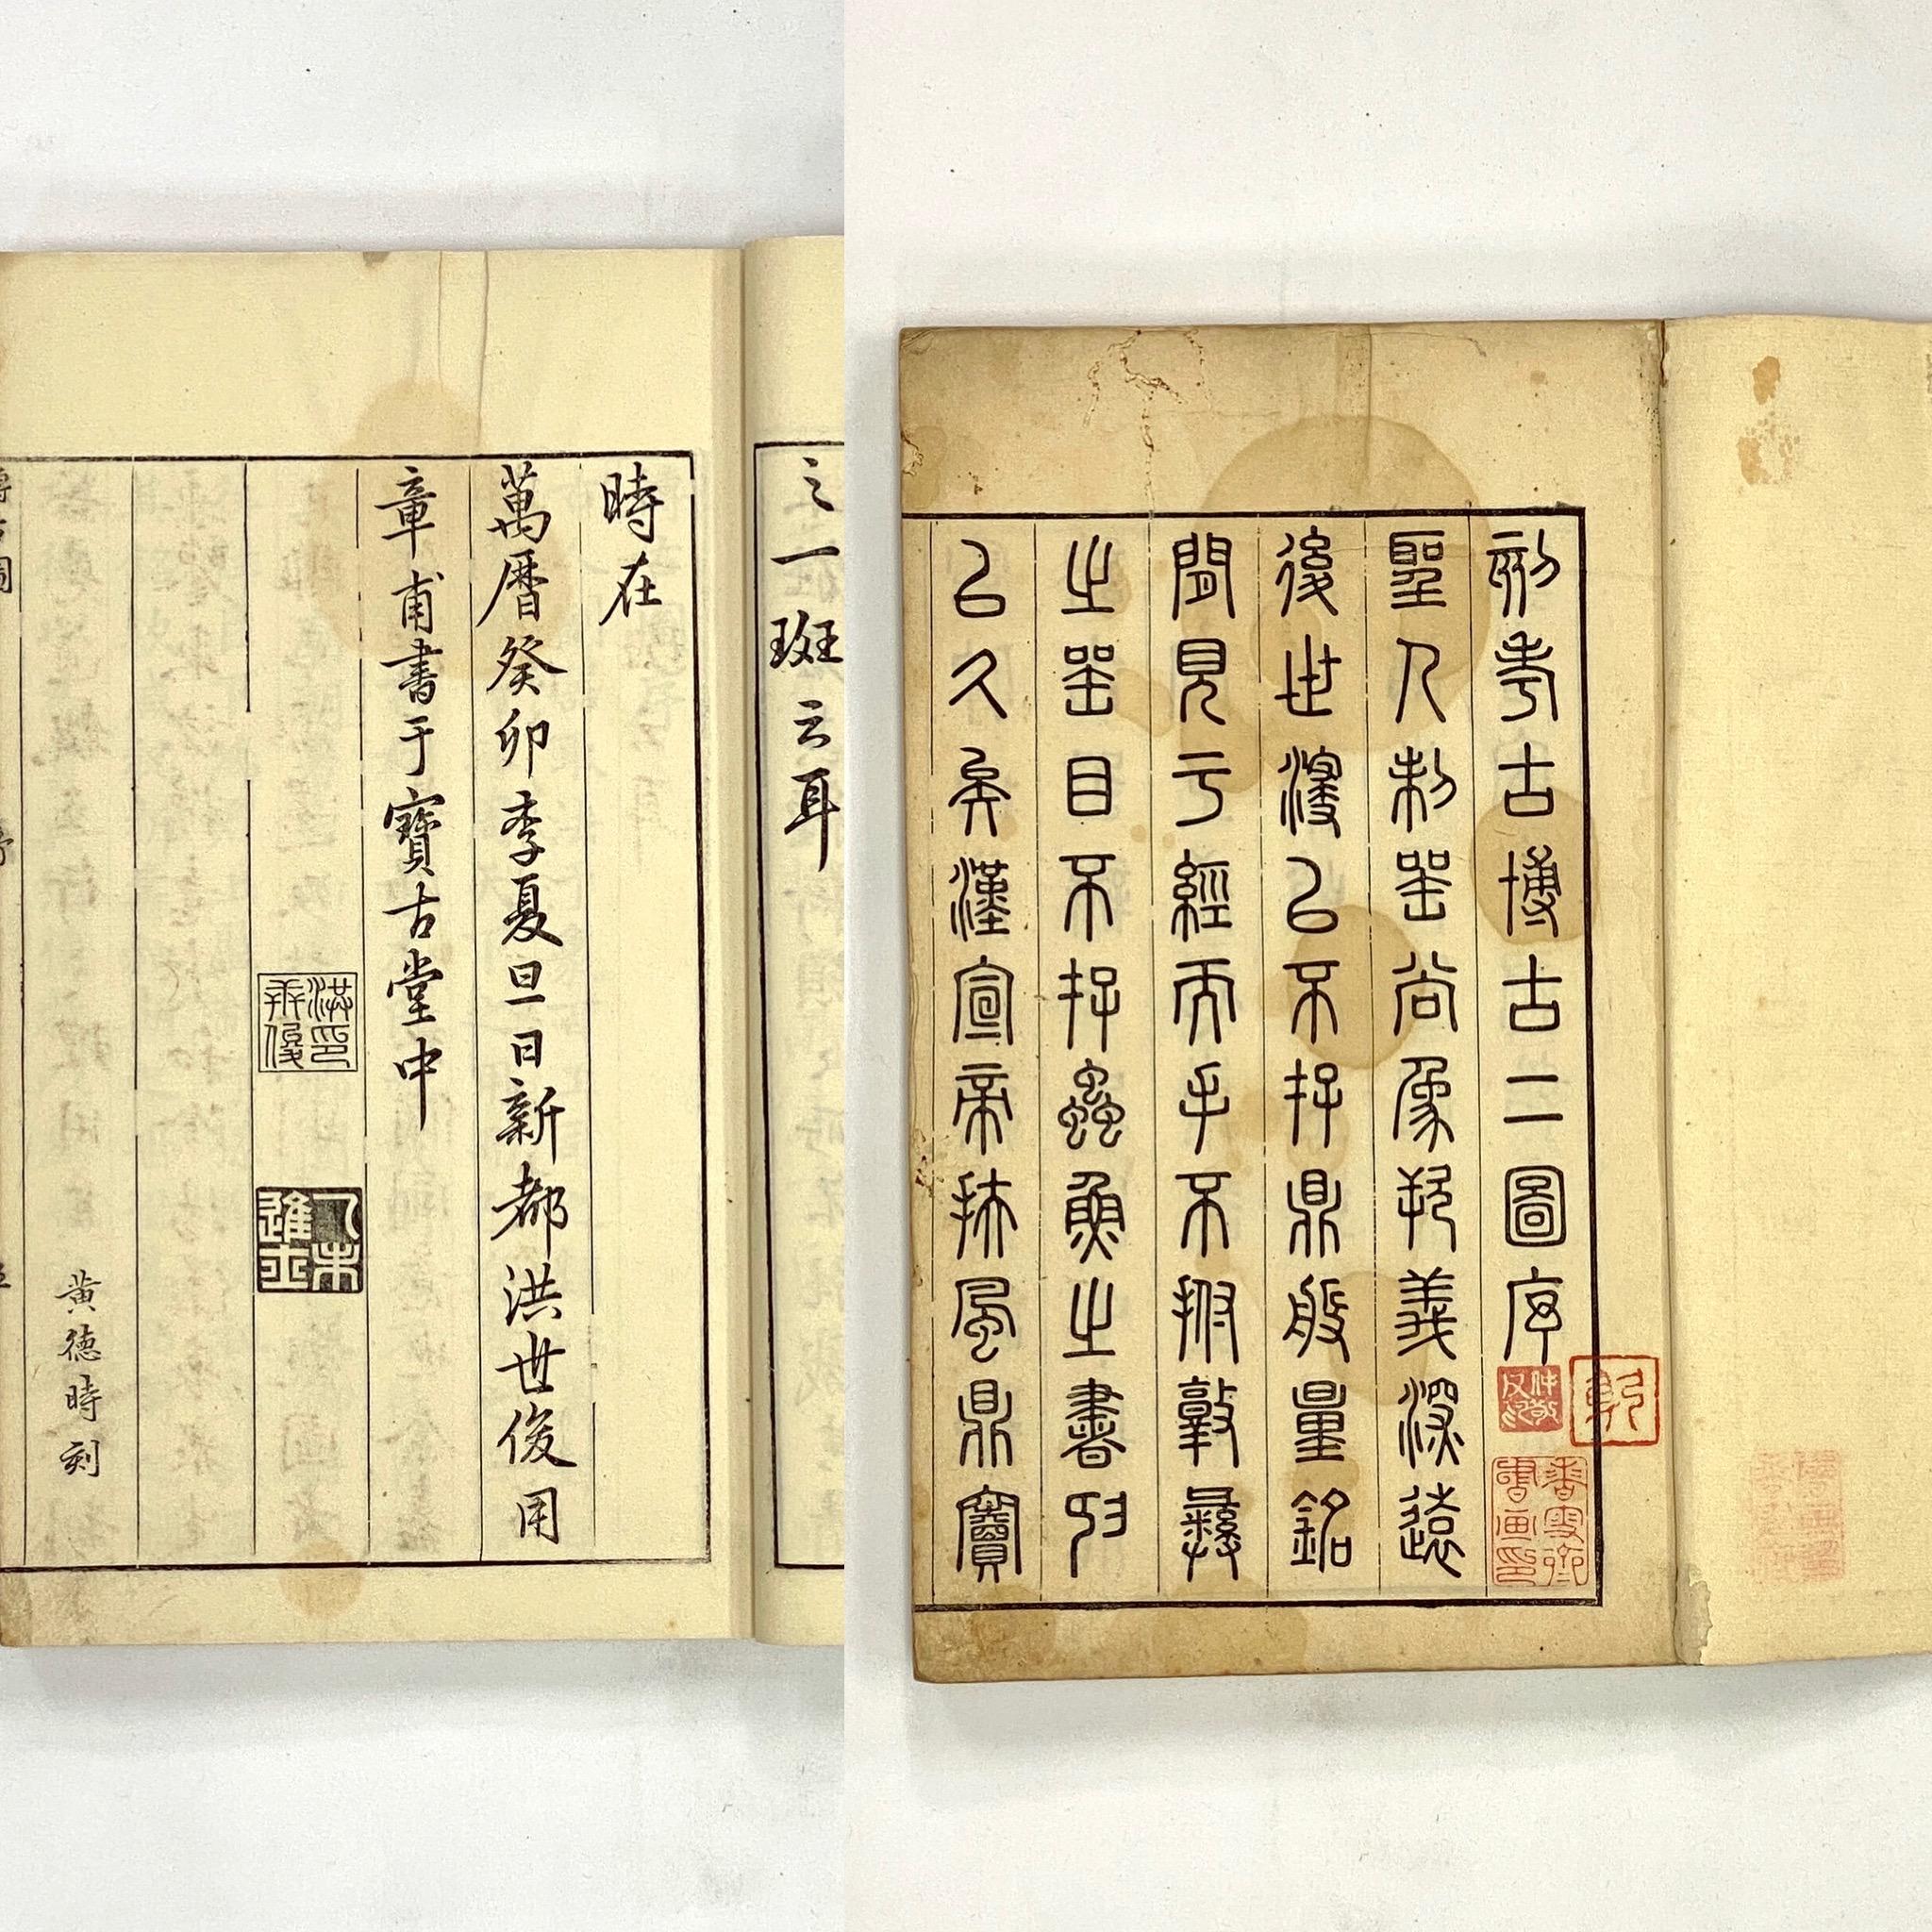 20664「博古図録」全15冊30.5×18.5cm